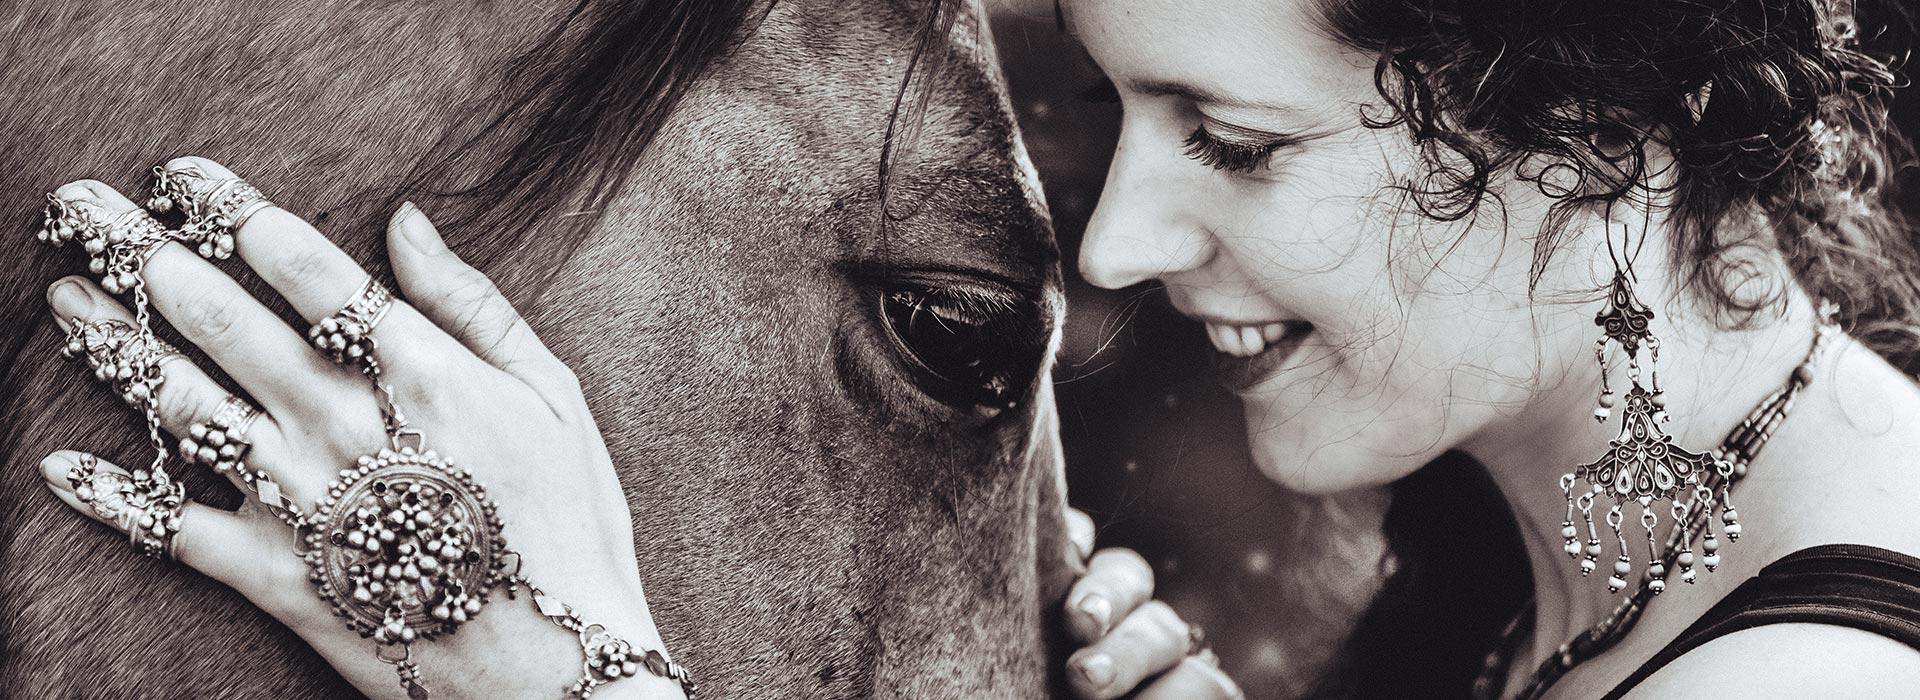 slide09_horse